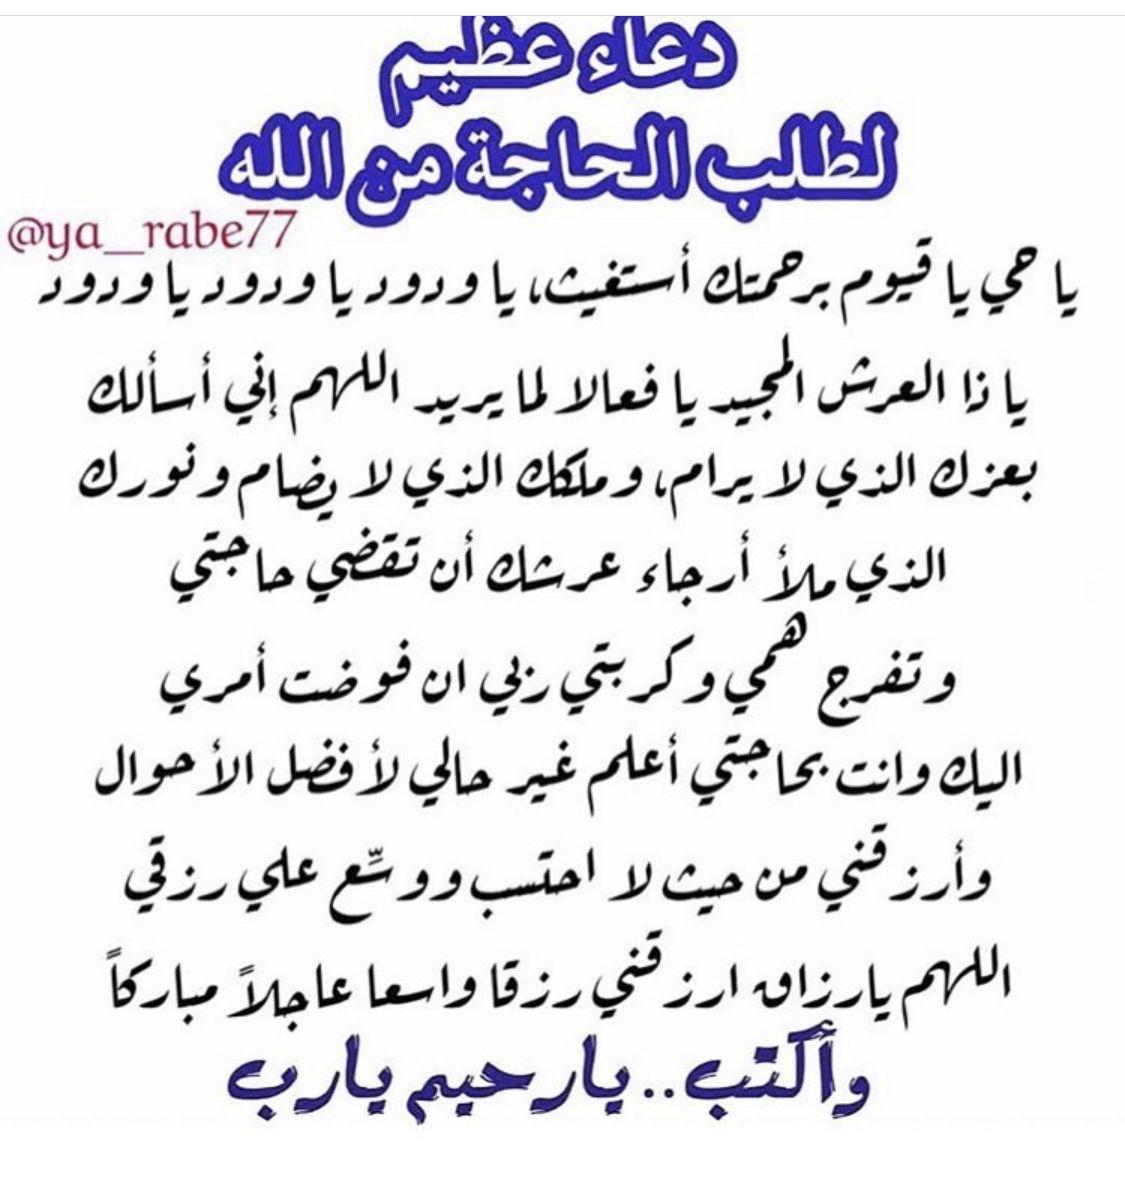 ادعية اسلامية مكتوبة باقة من أجمل الادعية والاذكار الدينية Arabic Calligraphy Calligraphy